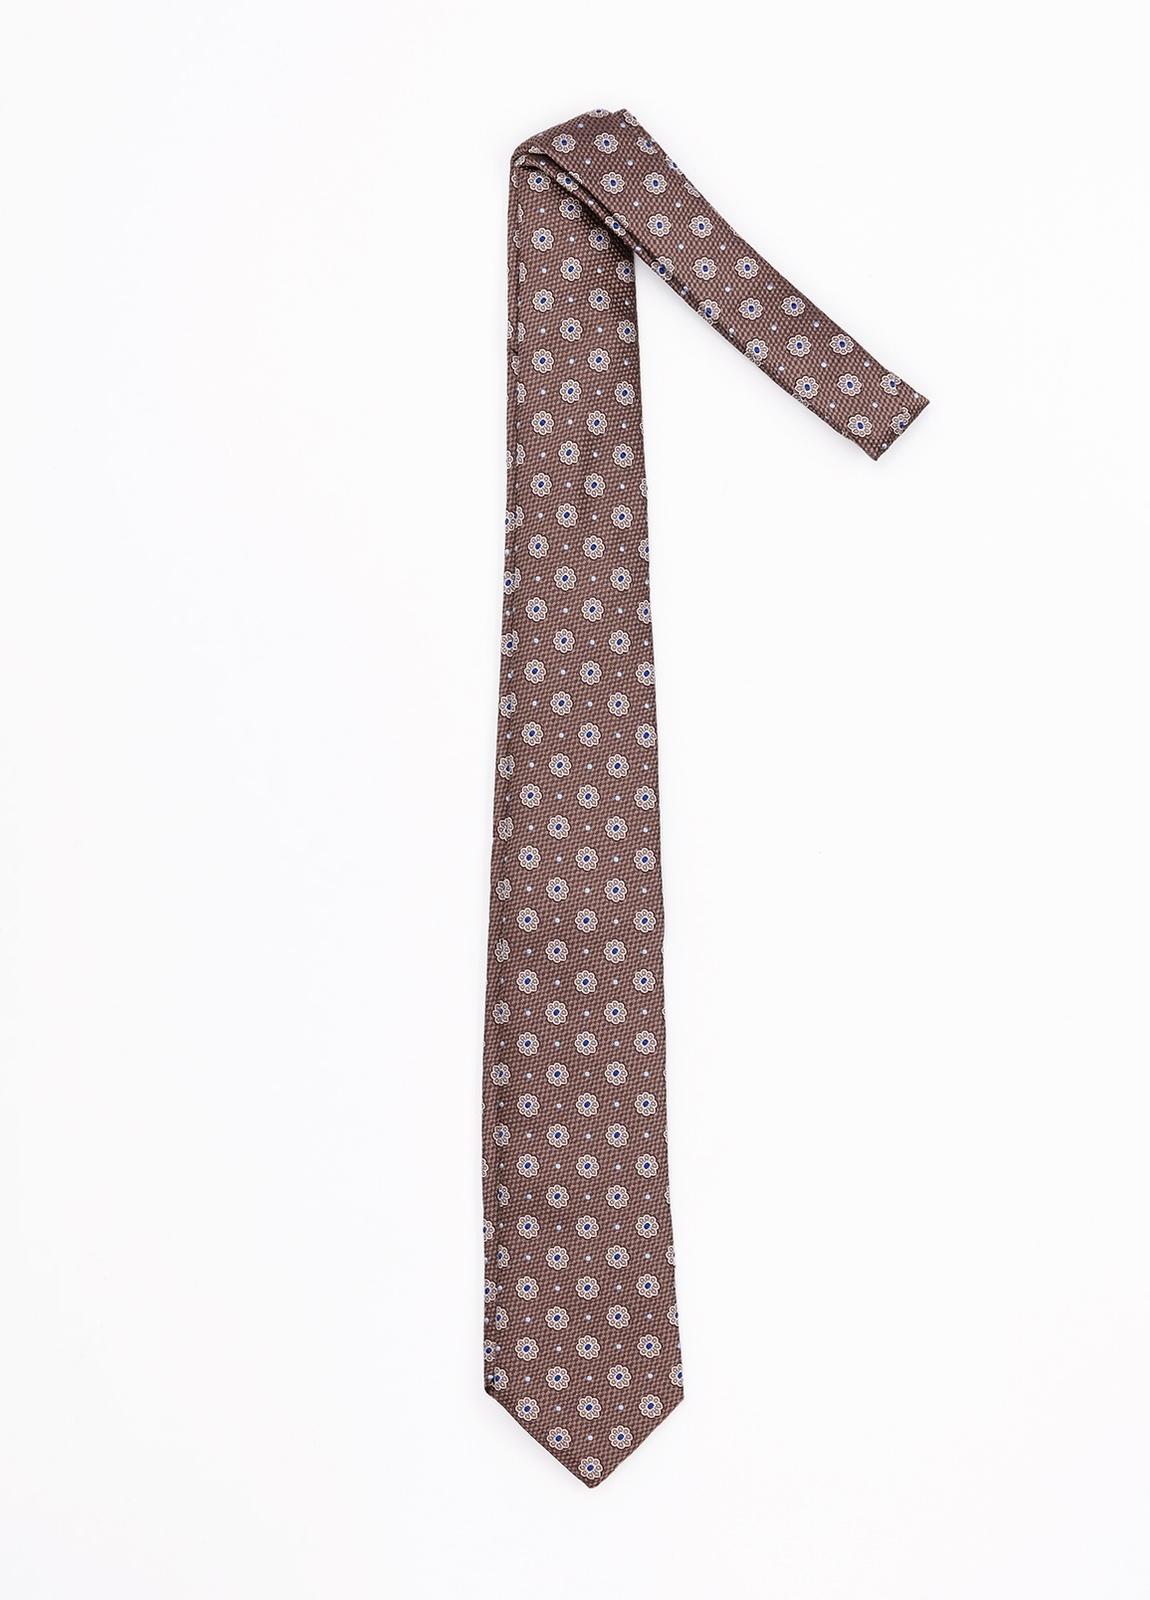 Corbata Formal Wear estampado flores, color marrón. Pala 7,5 cm. 100% Seda.